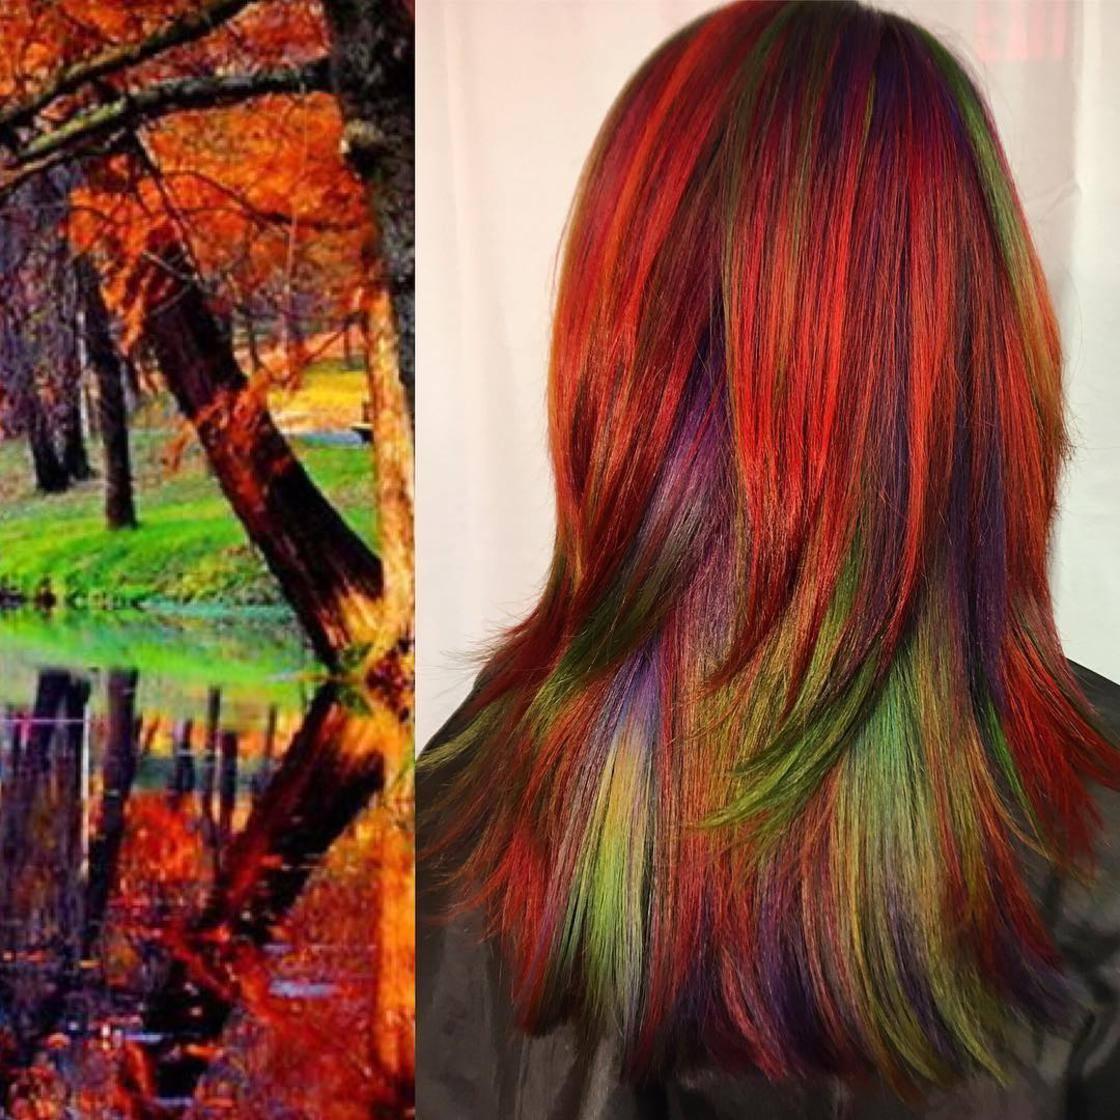 Artista se inspira em imagens fantásticas para mudar a cor do cabelo 10